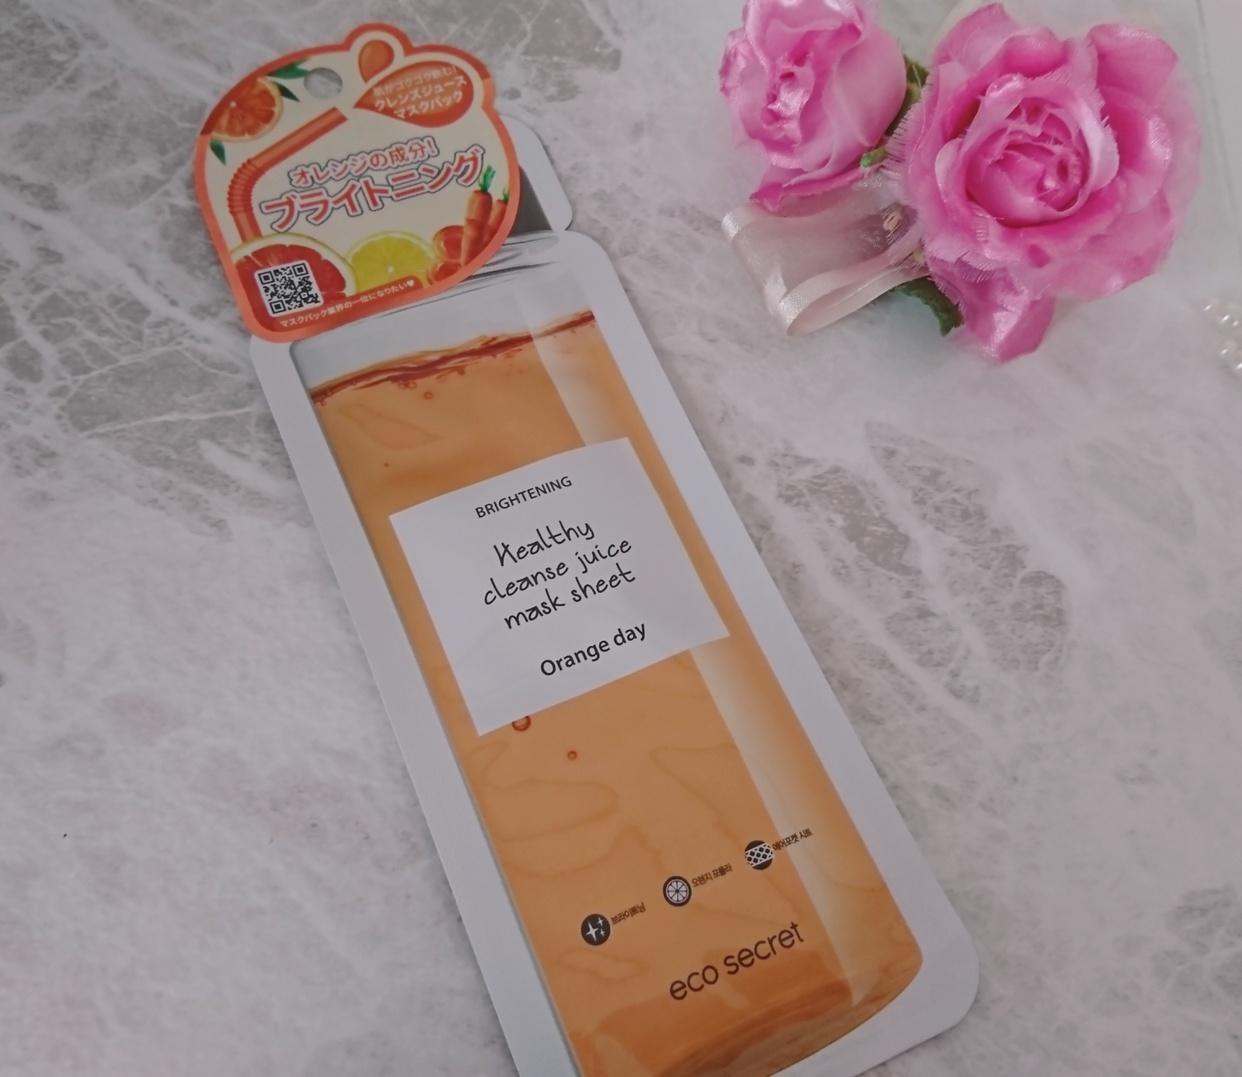 eco secret(エコセレクト) ヘルシークレンズジュースマスクパックを使ったYuKaRi♡さんのクチコミ画像1